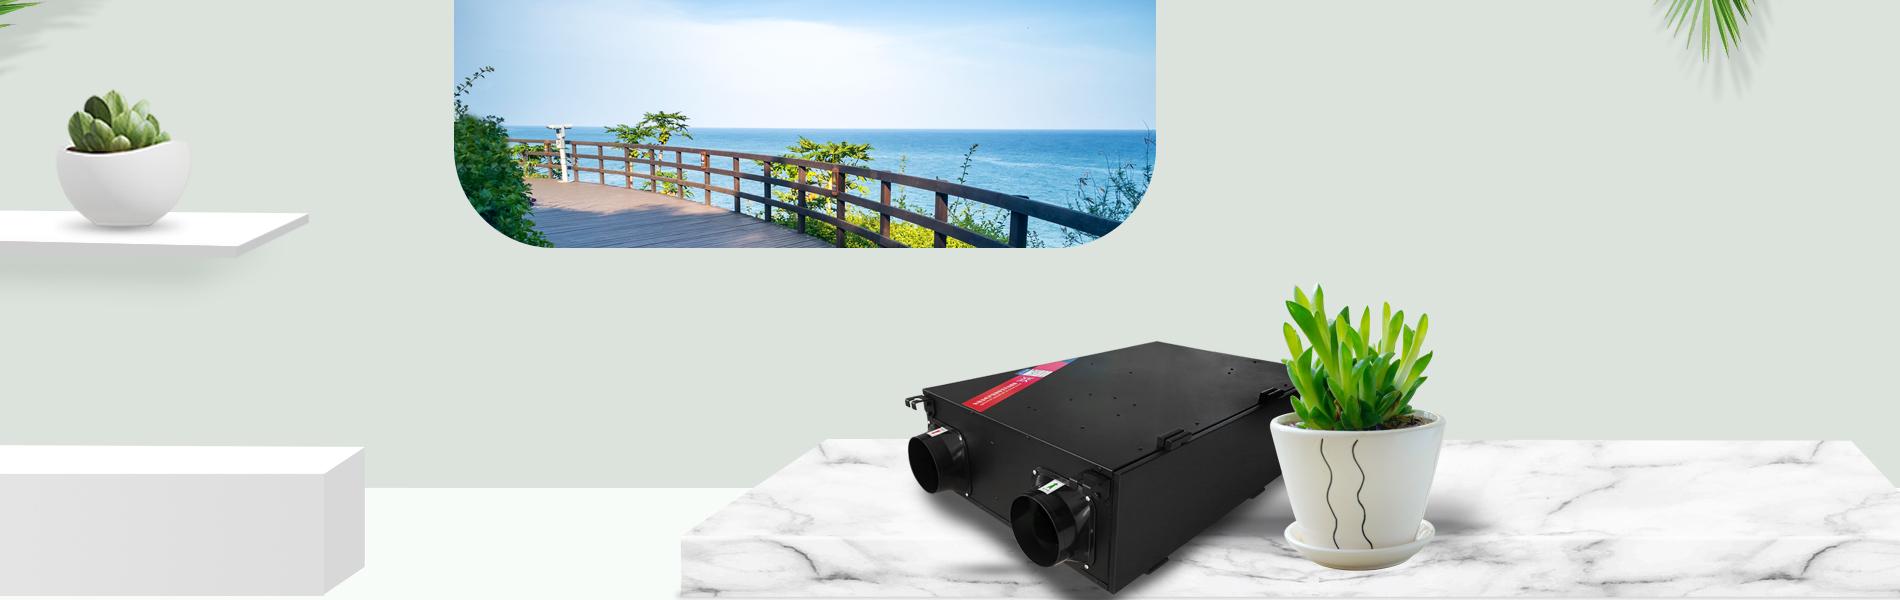 Fresh air purifier